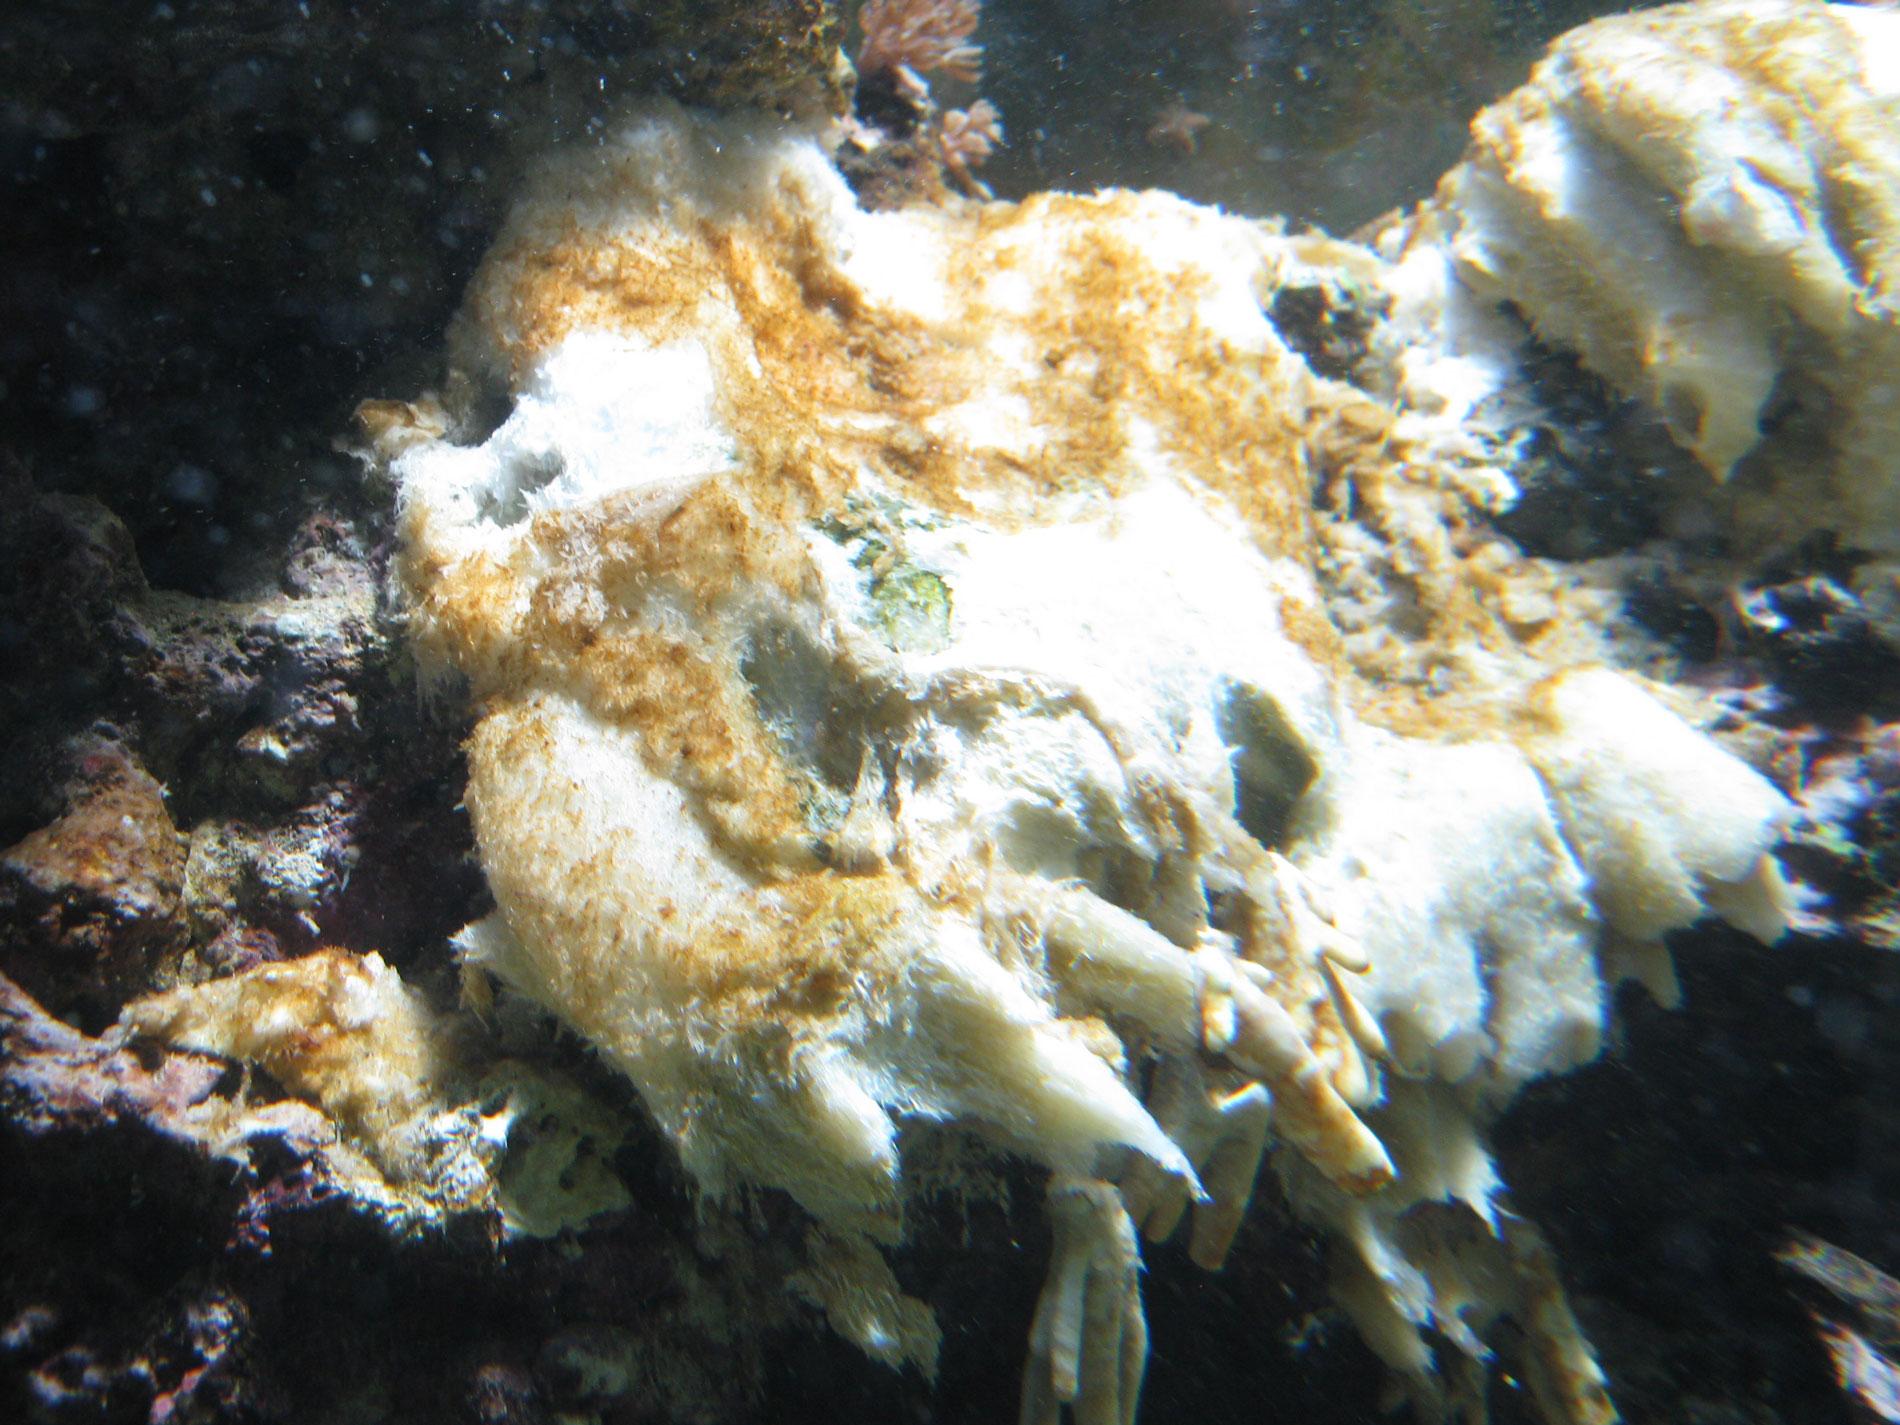 absterbende Koralle beeinflusst den pH-Wert im Meerwasseraquarium